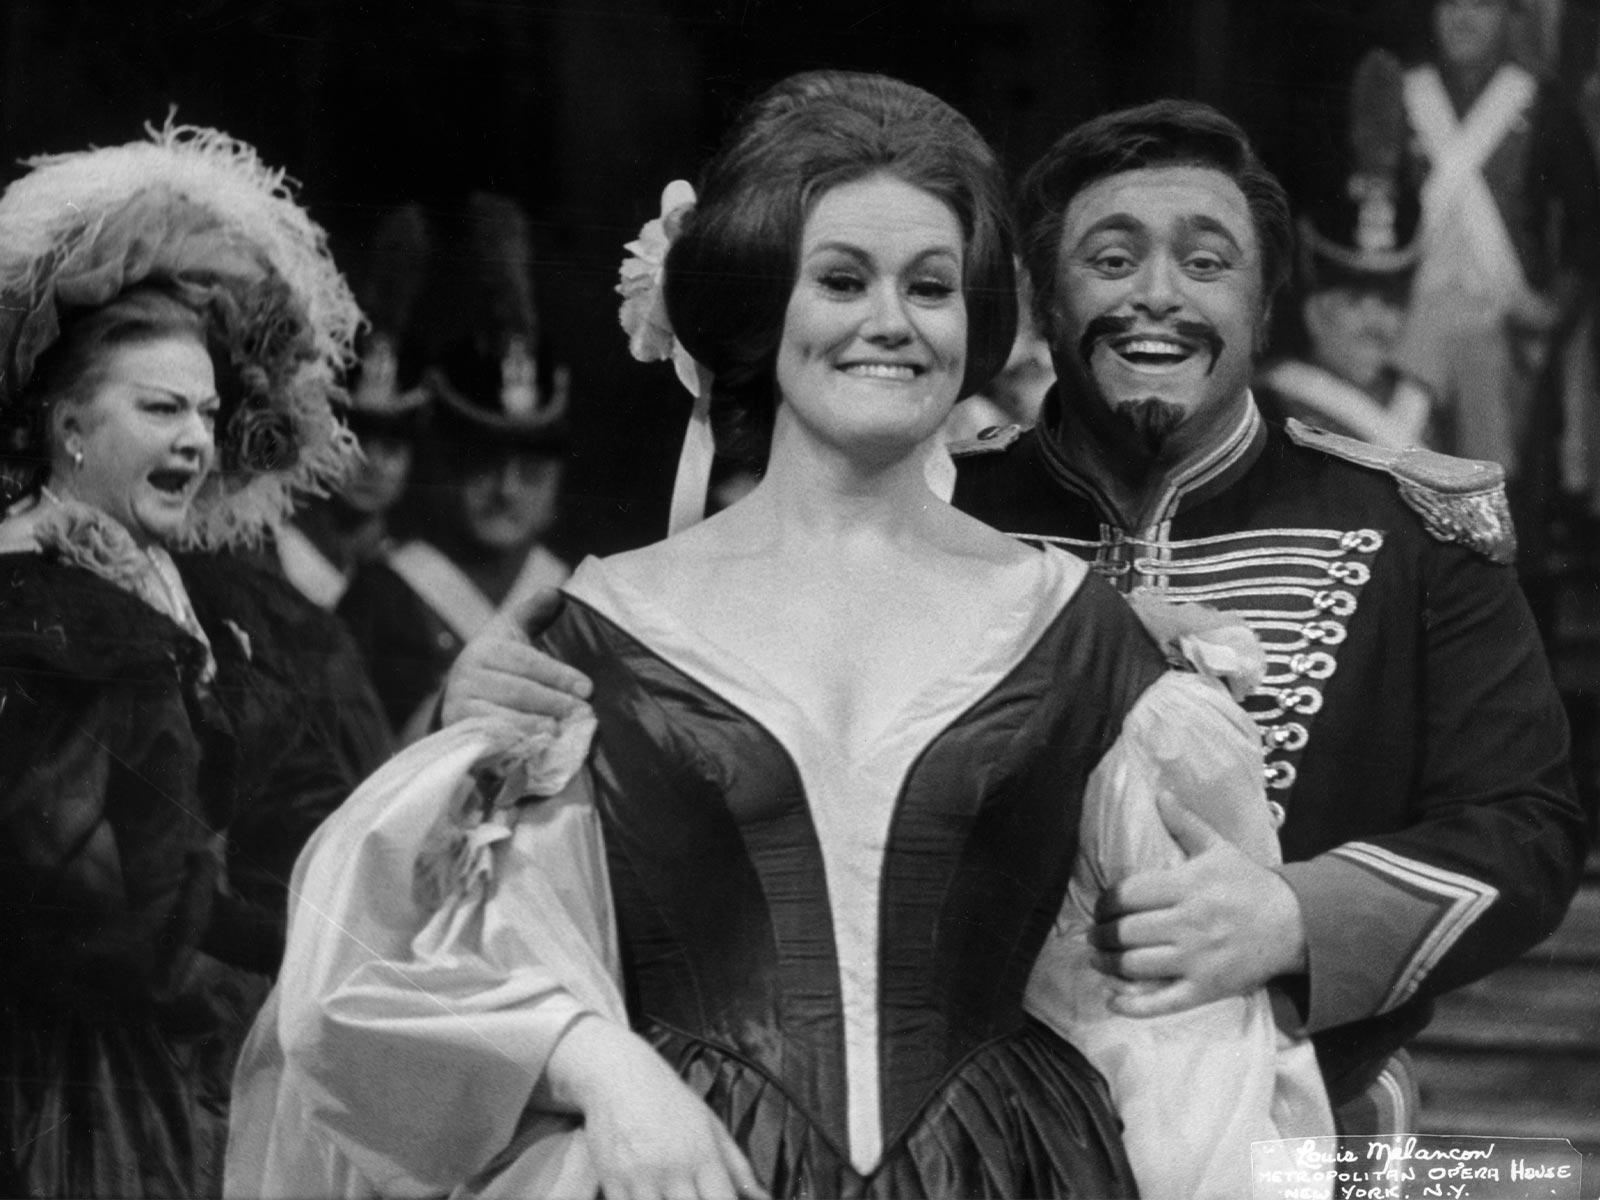 Fille du Regiment 1971-72 Welitsch, Sutherland, Pavarotti.jpg